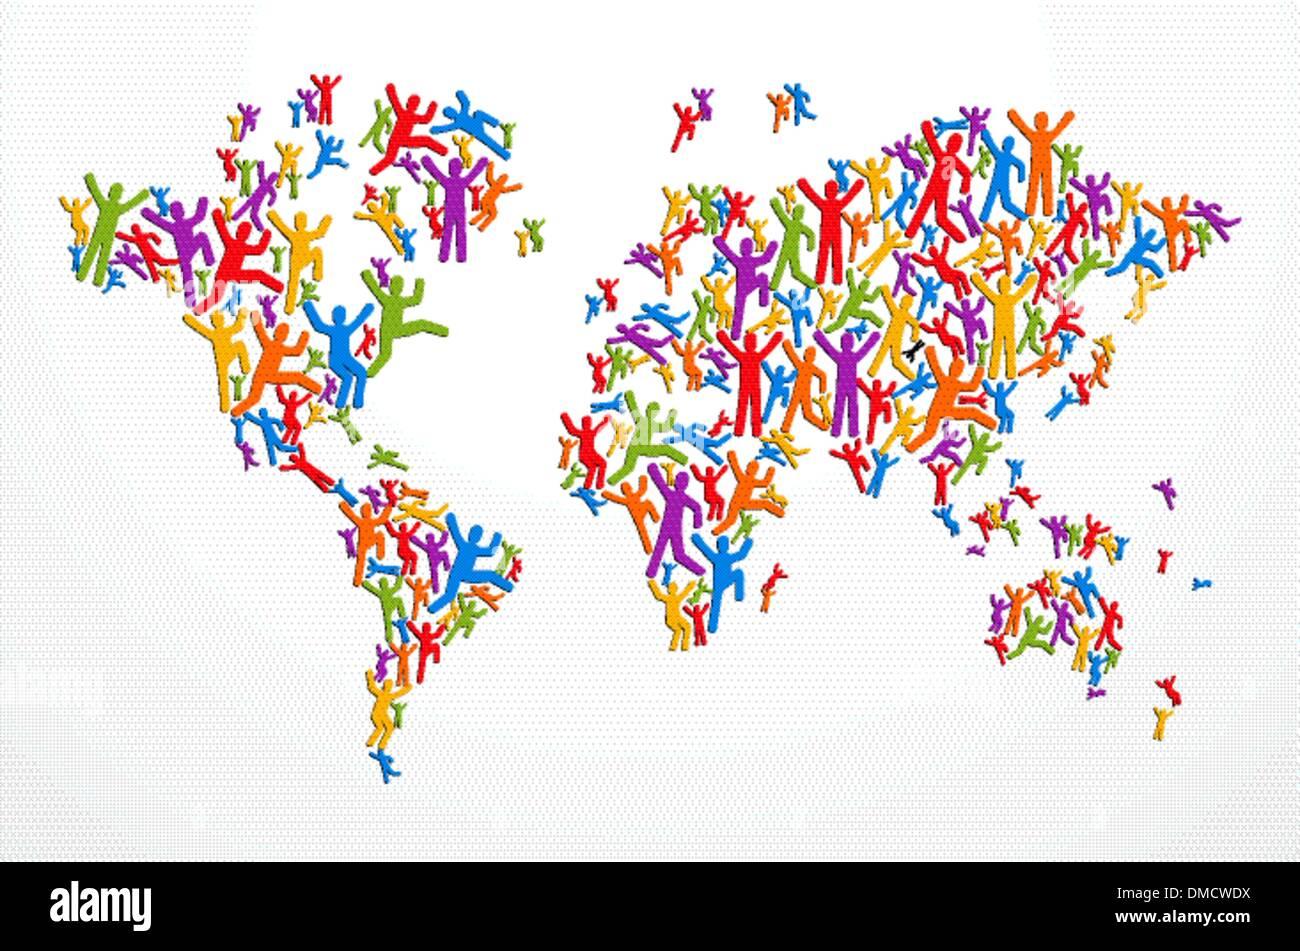 La gente Diverstiy concepto mapa del mundo Ilustración del Vector